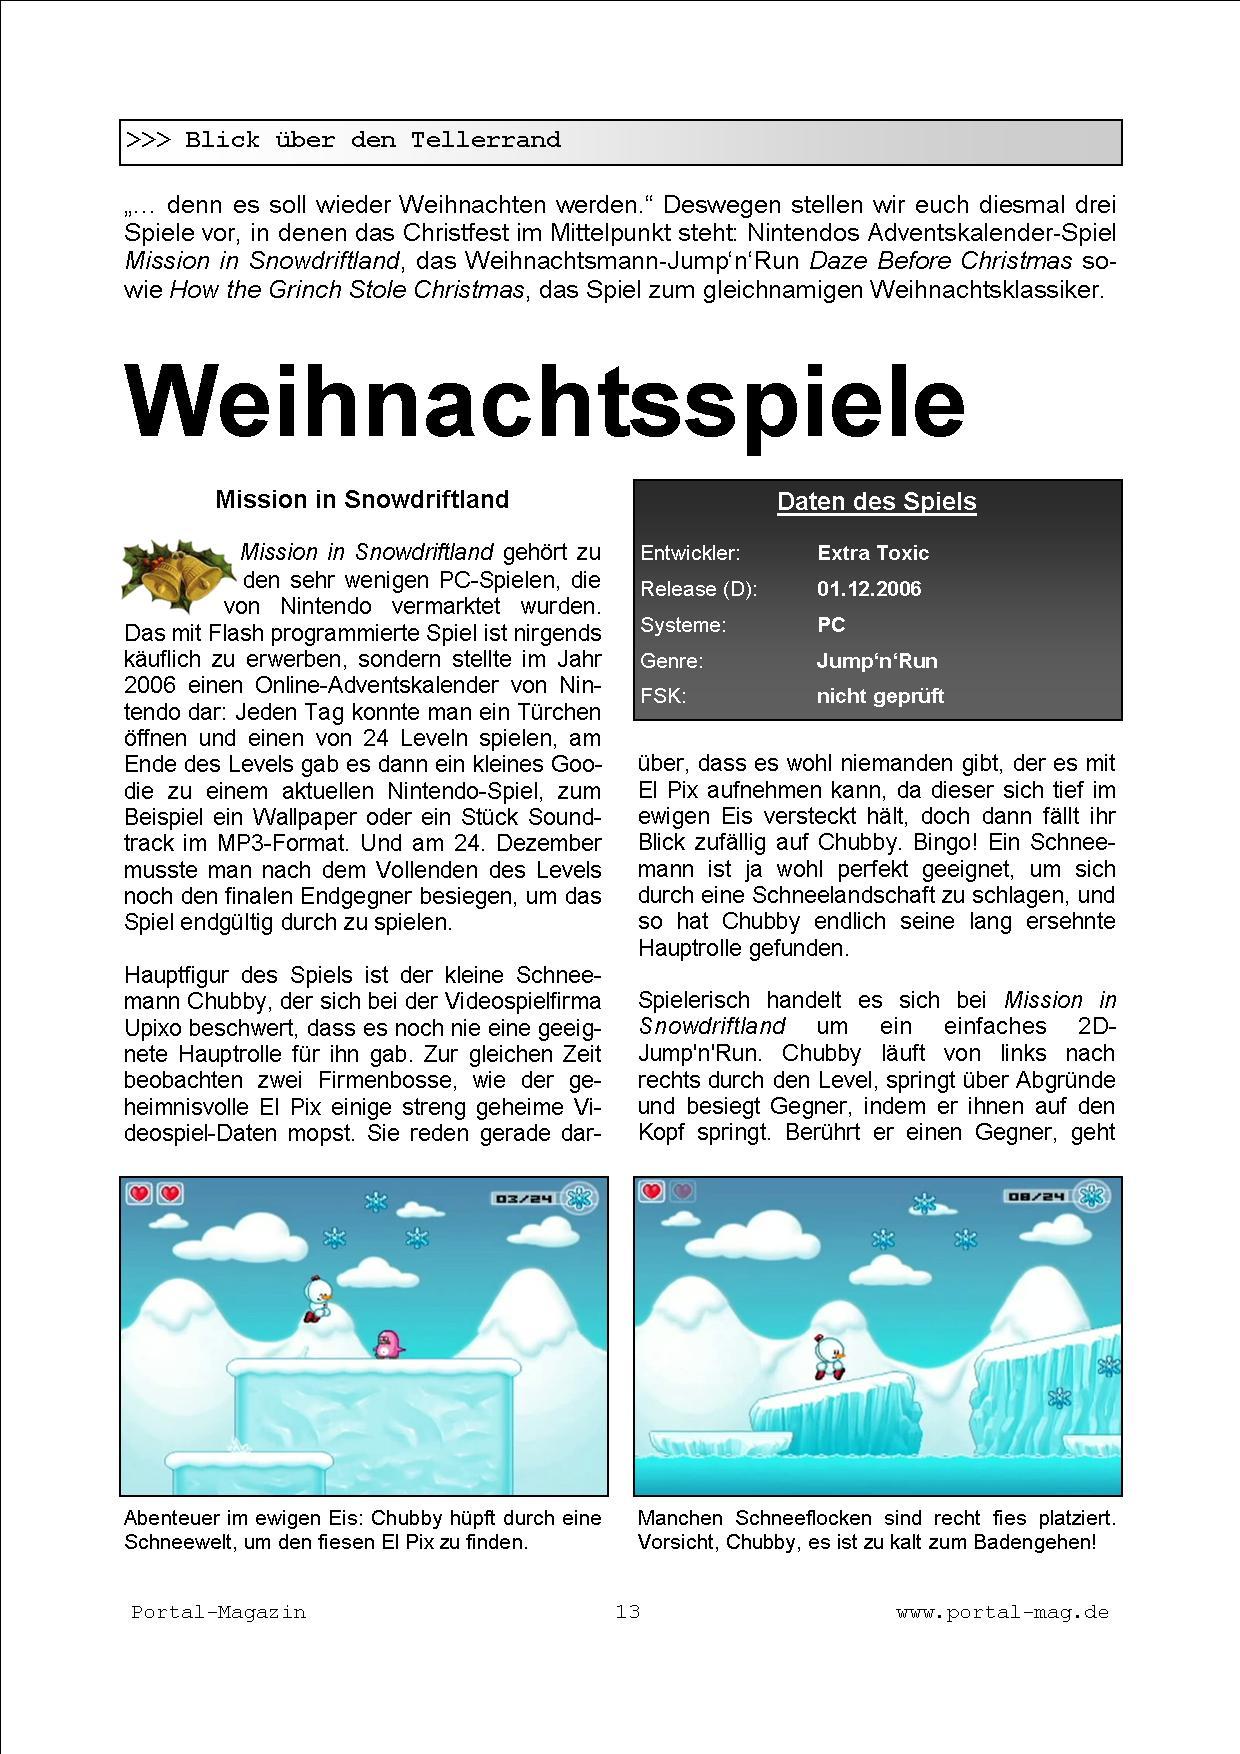 Ausgabe 11, Seite 13